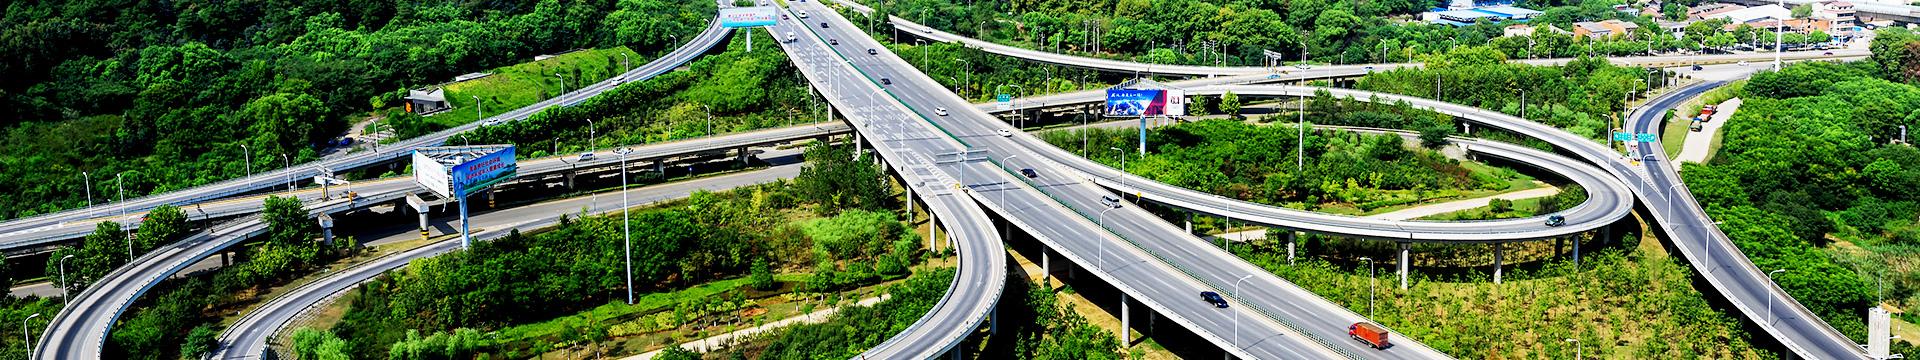 泸州道路施工